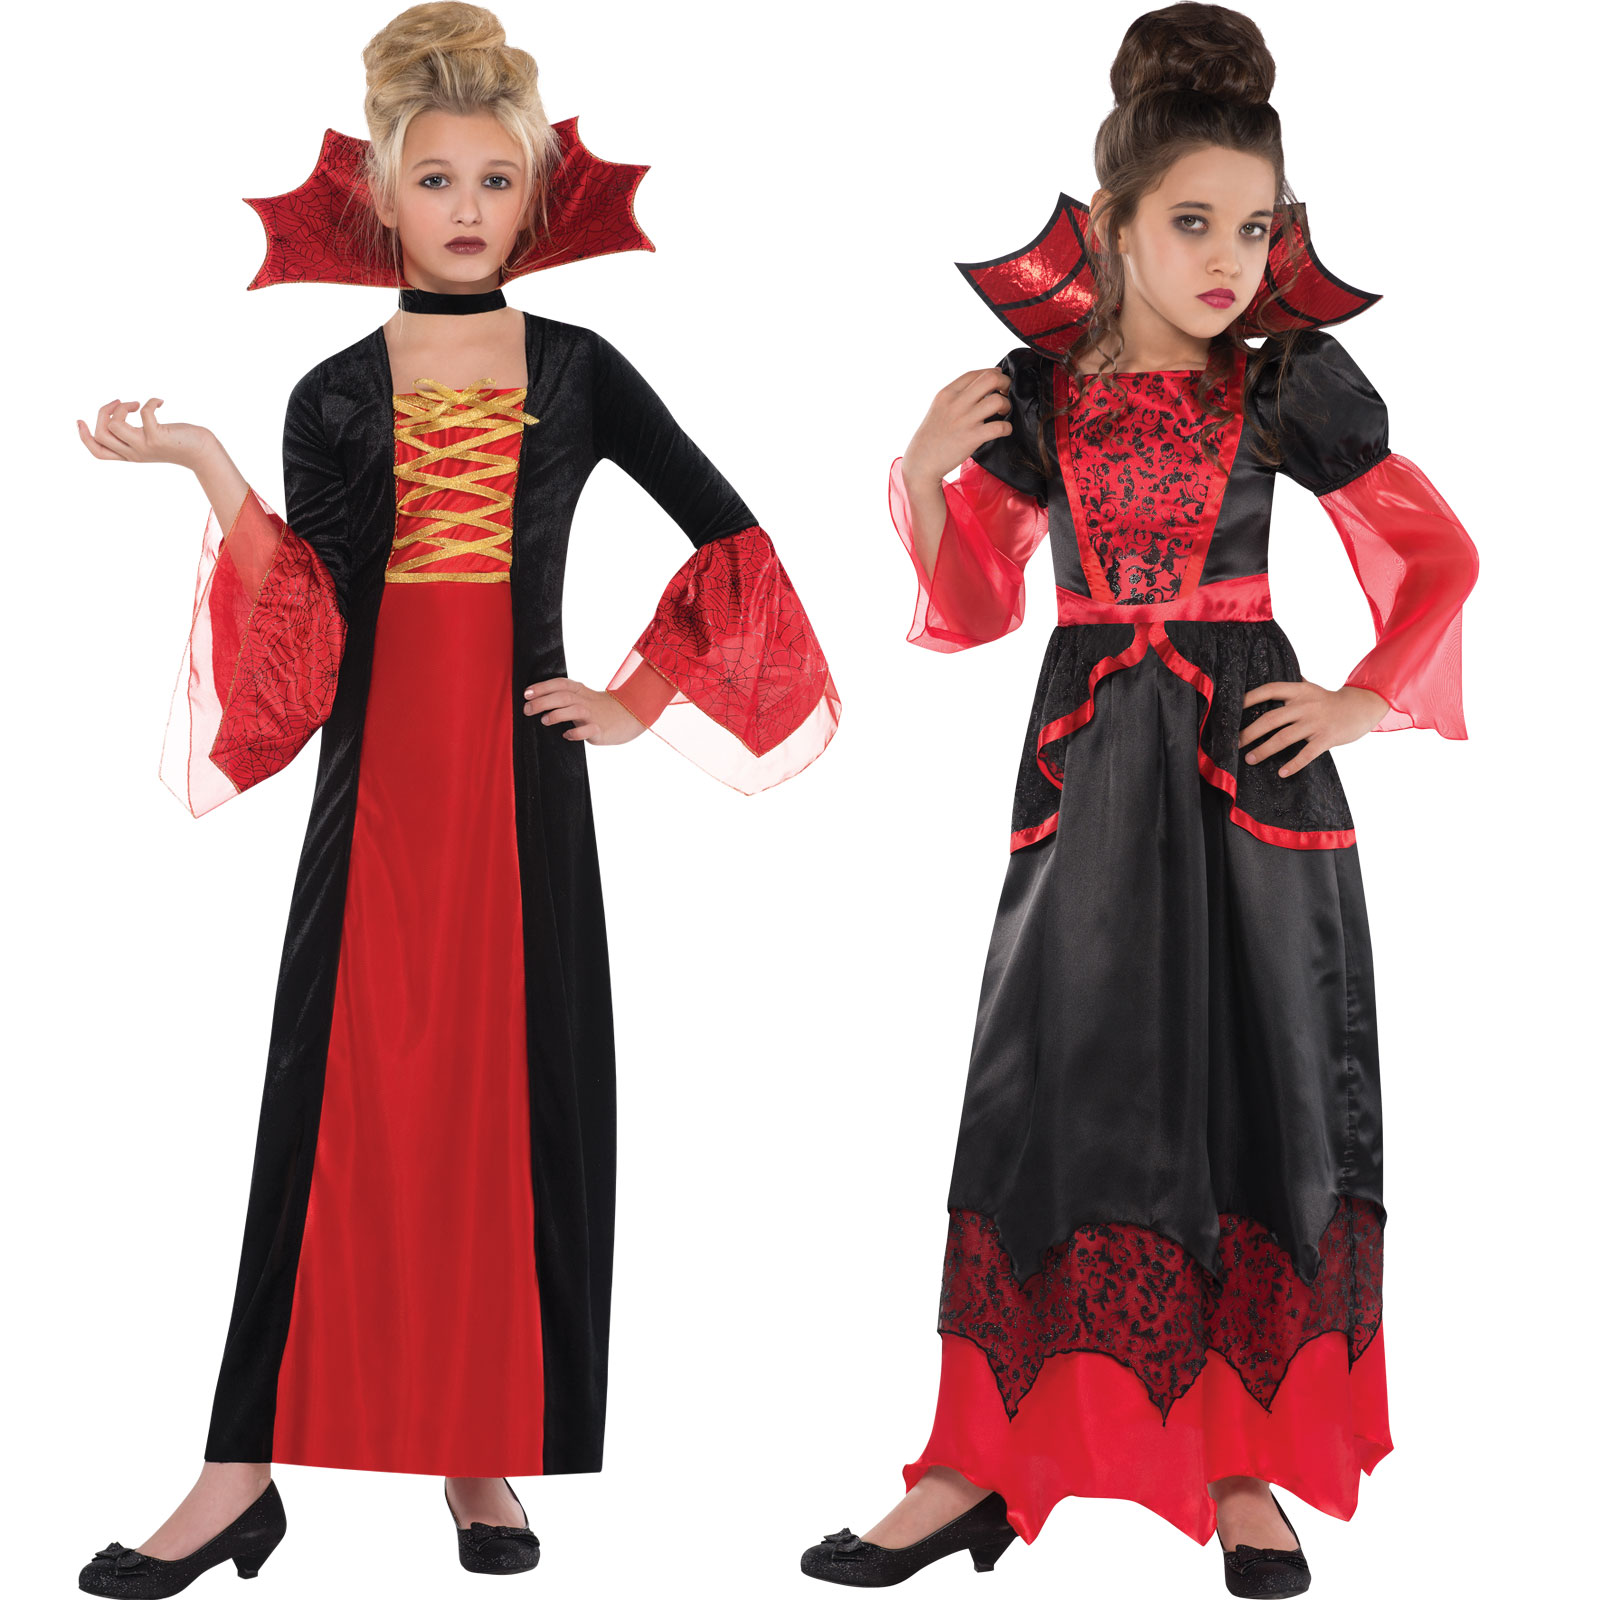 Girls Halloween Vampire Queen Gothic Princess Costumes Kids Fancy Dress